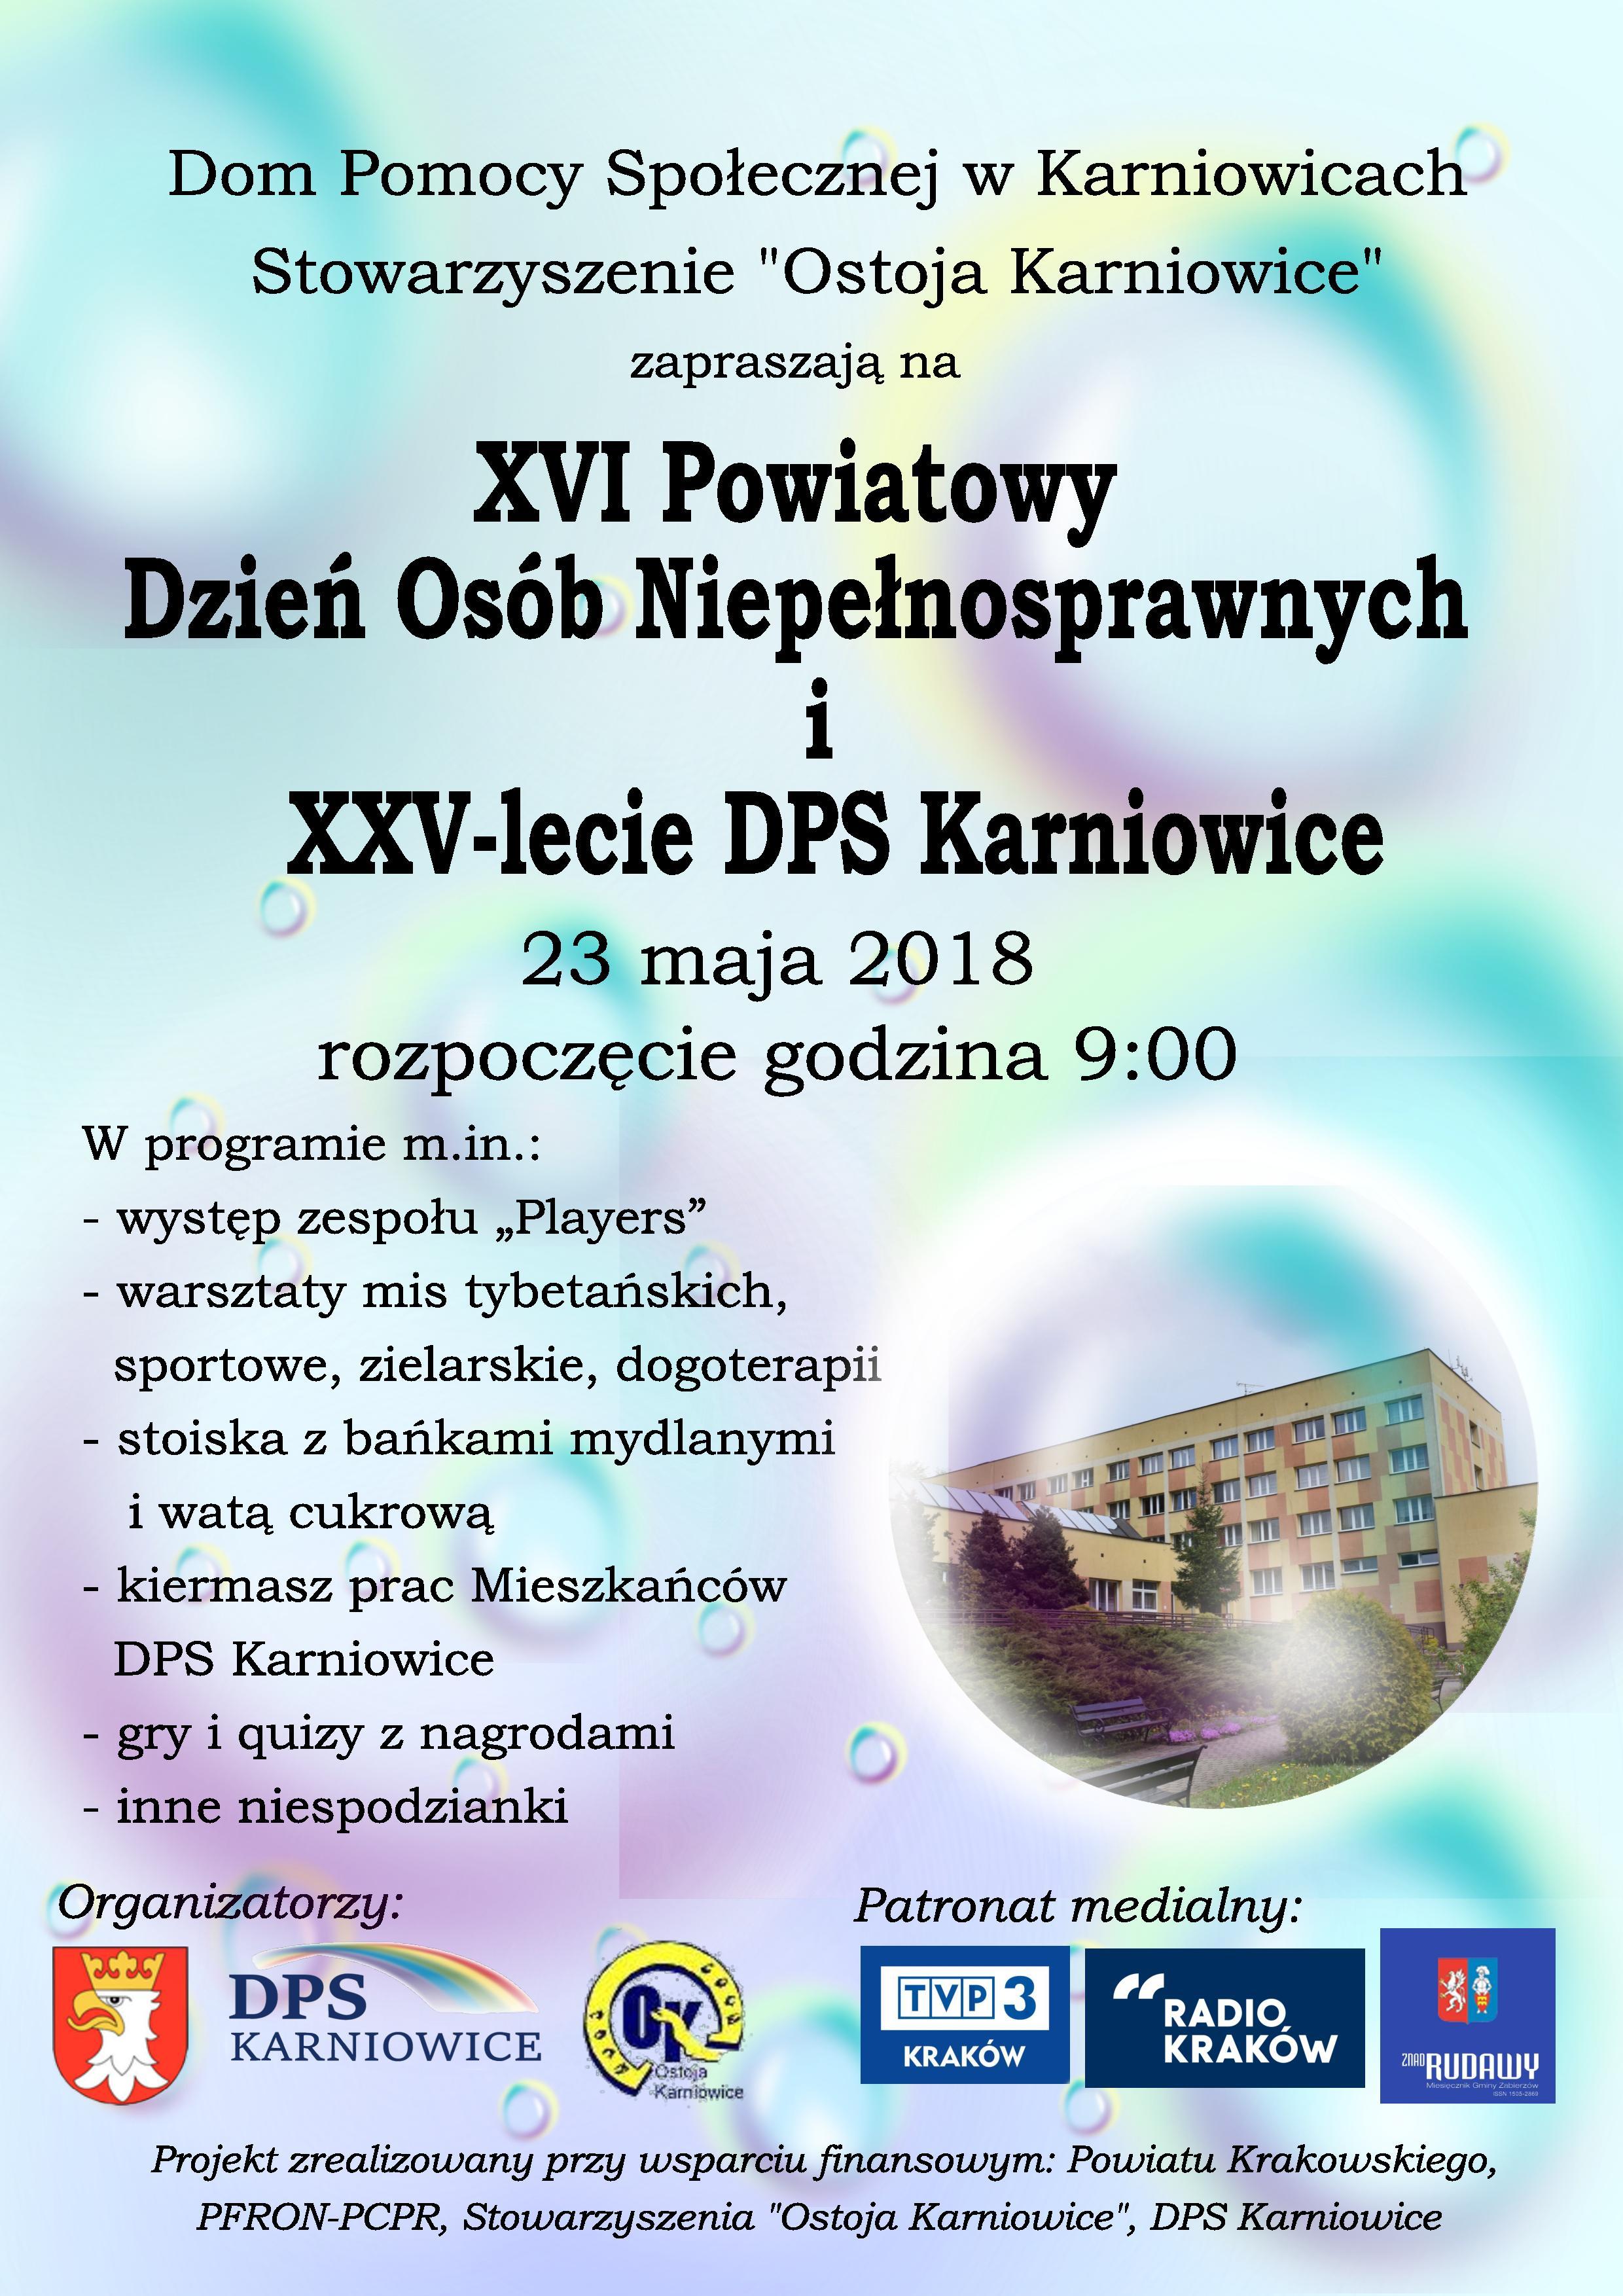 XVI Powiatowy Dzień Osób Niepełnosprawnych i XXV-lecie DPS Karniowice @ Karniowice | małopolskie | Polska